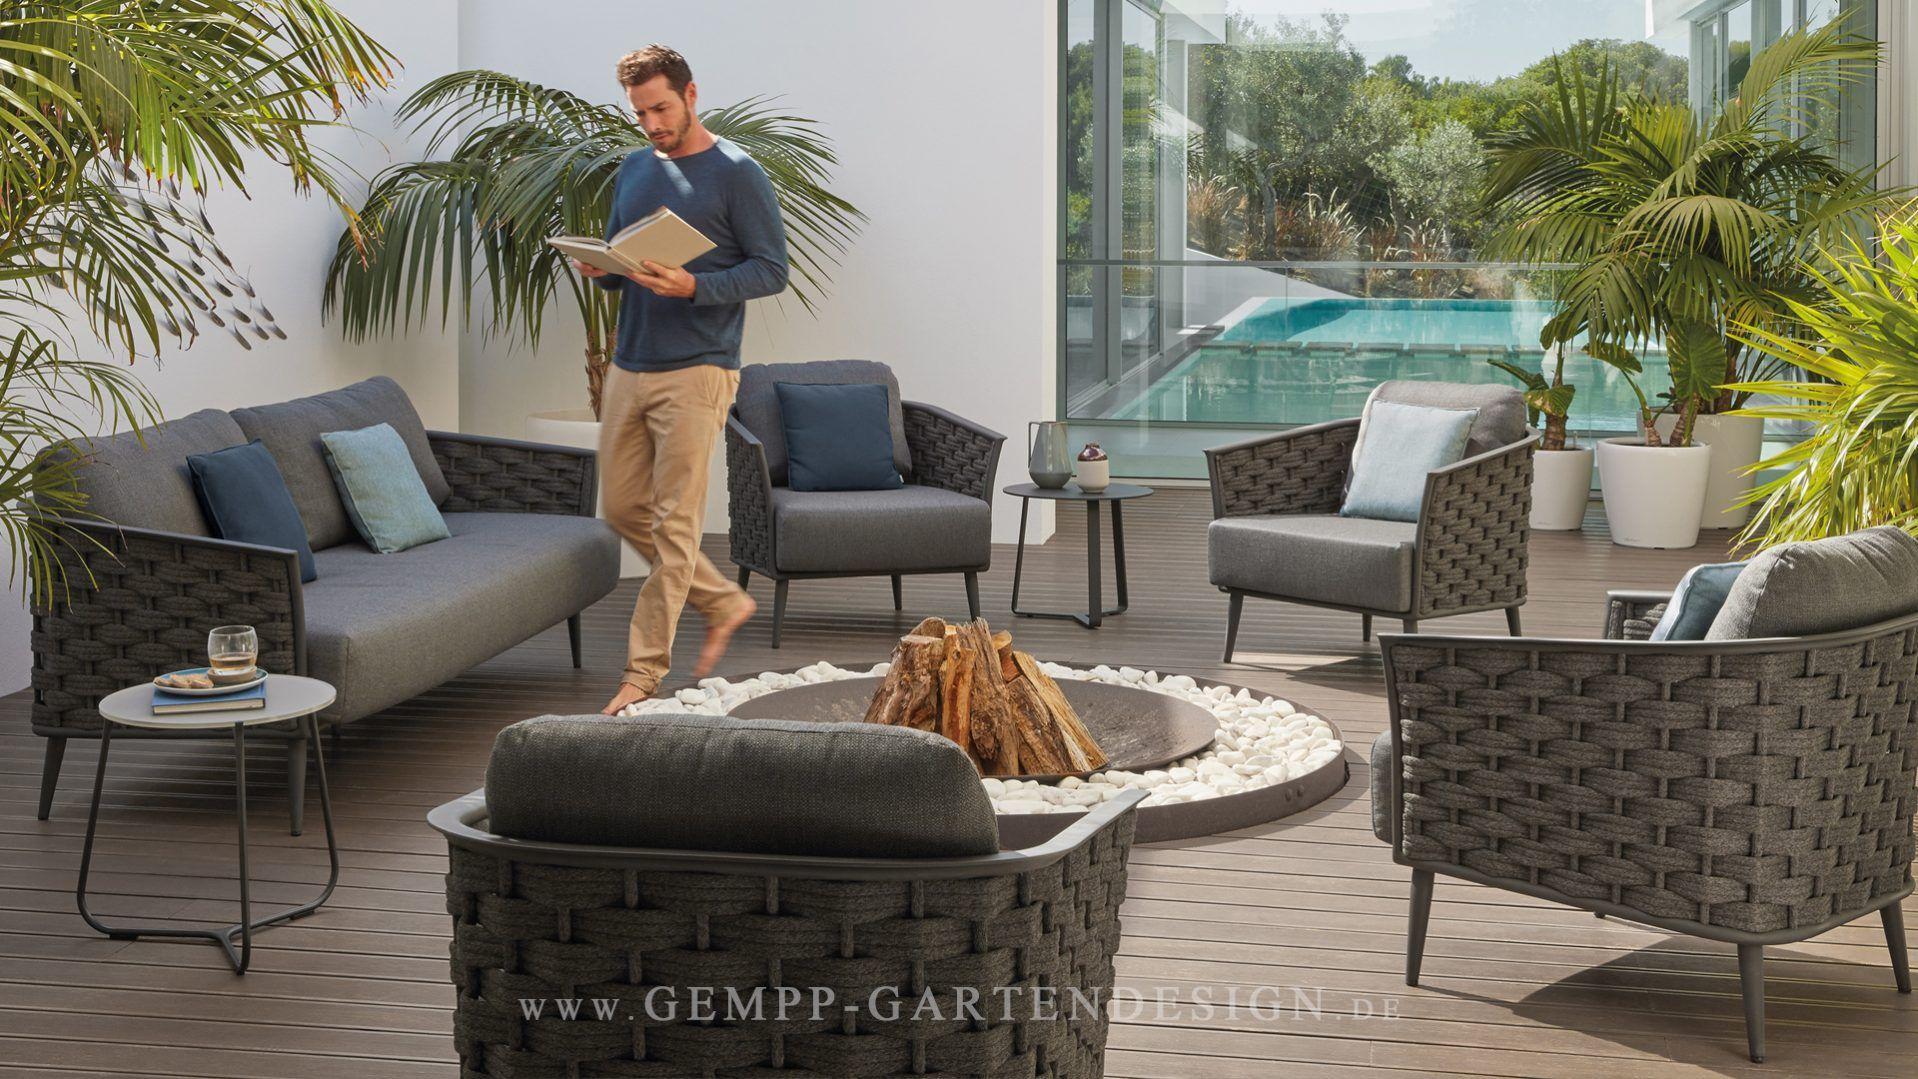 Brilliant Lounge Möbel Garten Ideen Von Elegante Loungemöbel / Gartenmöbel Für Eine Zeitlose